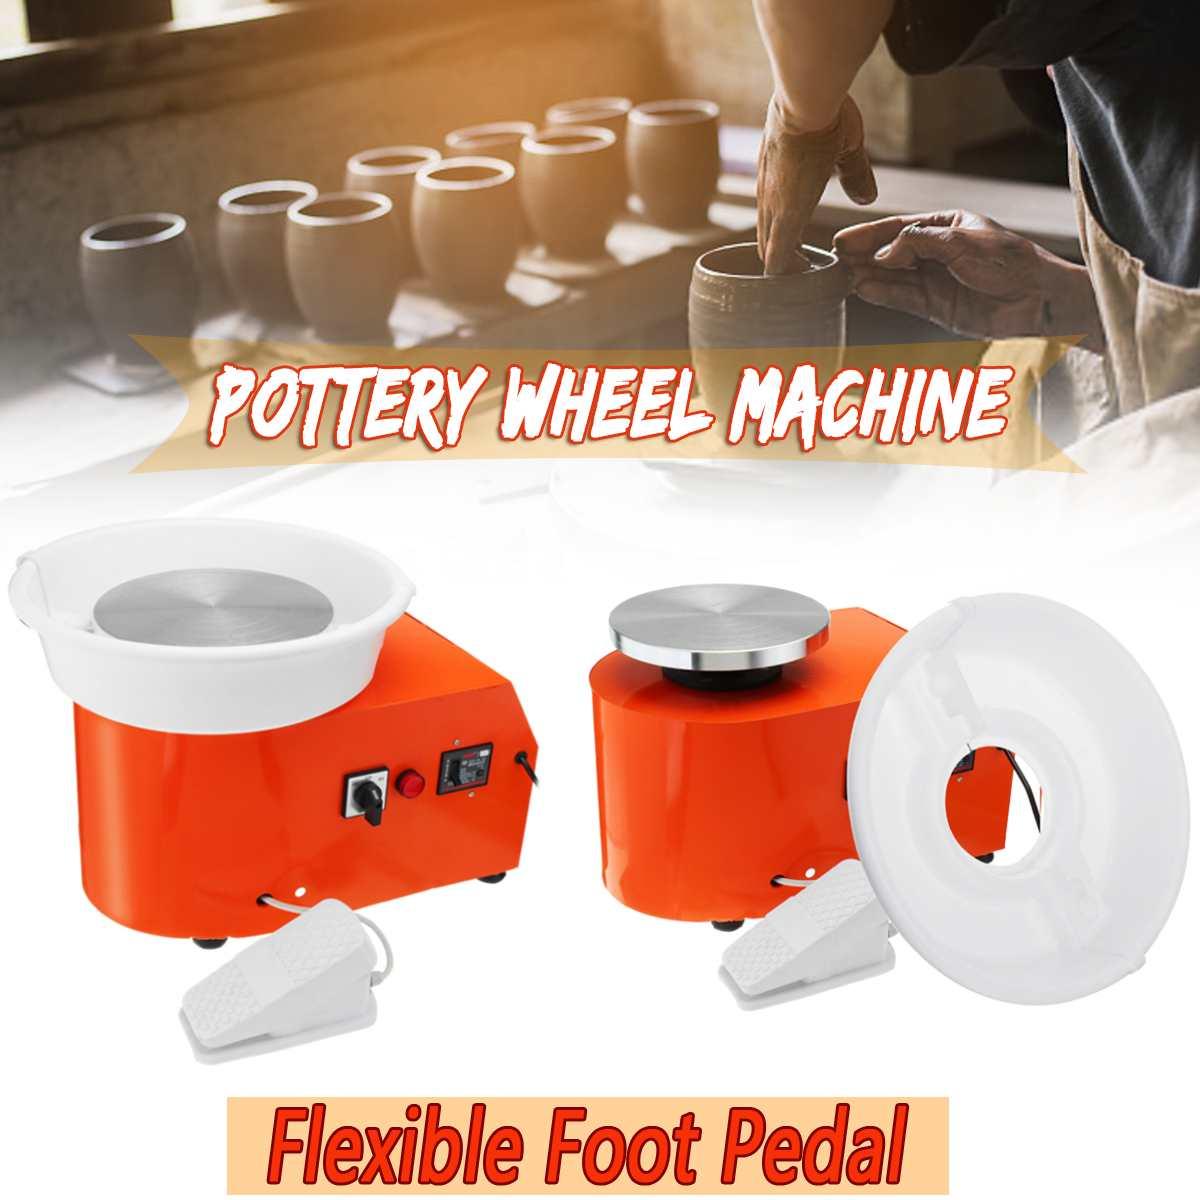 350 W poterie roue Machine argile pour travaux pratiques outil céramique travail céramique argile Art avec pédale Flexible 220 V AU Plug détachable formant